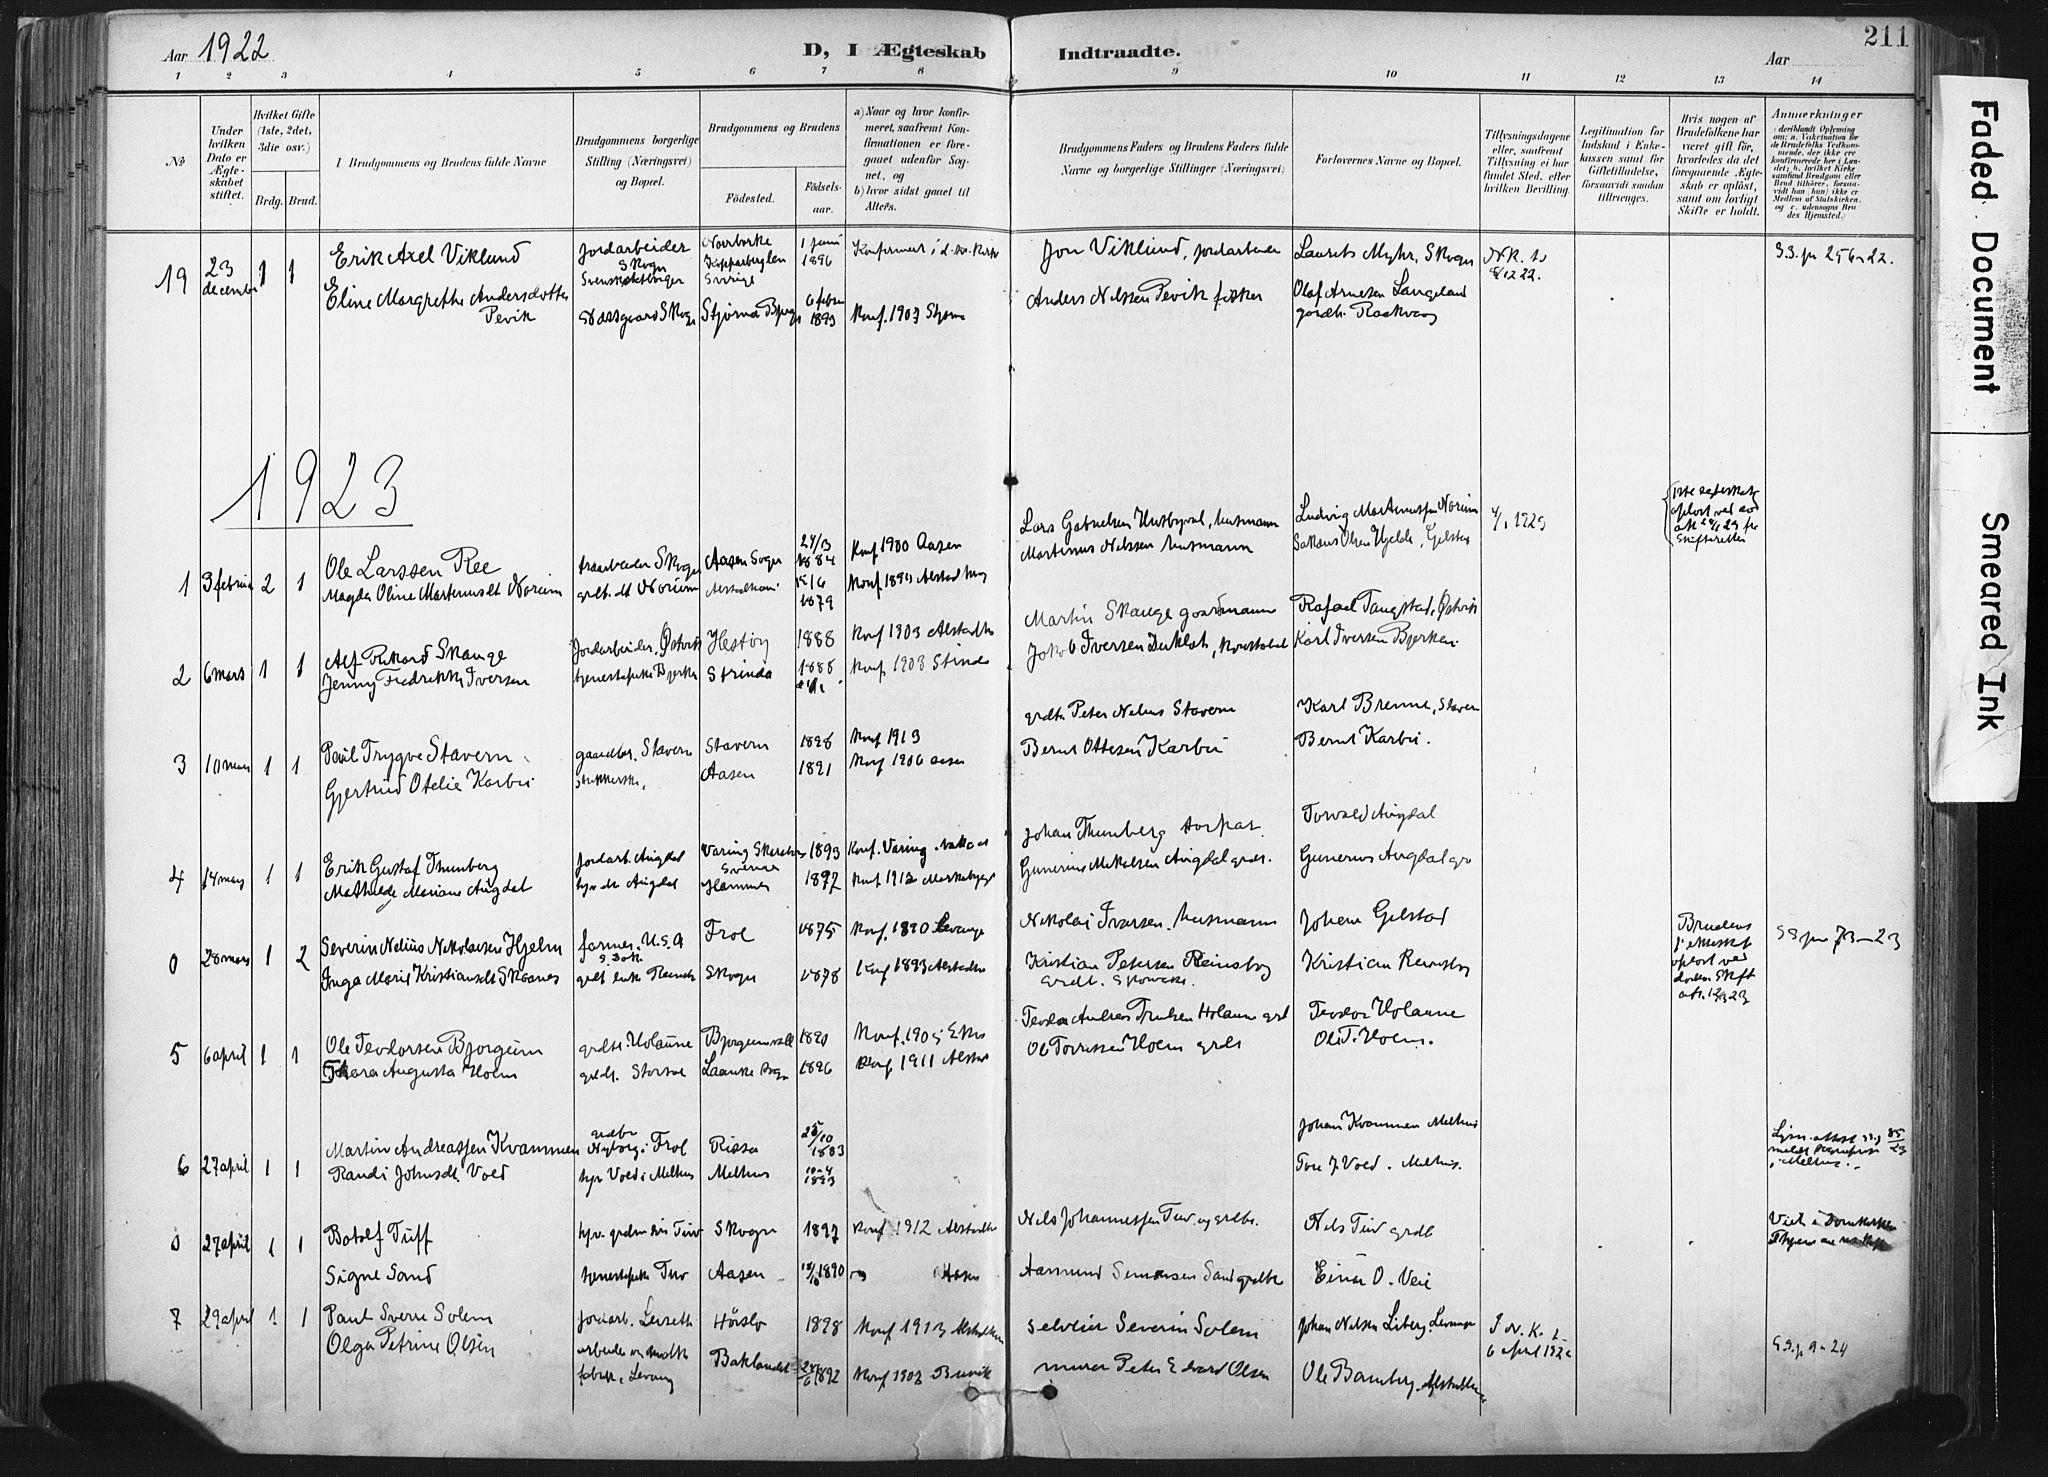 SAT, Ministerialprotokoller, klokkerbøker og fødselsregistre - Nord-Trøndelag, 717/L0162: Ministerialbok nr. 717A12, 1898-1923, s. 211